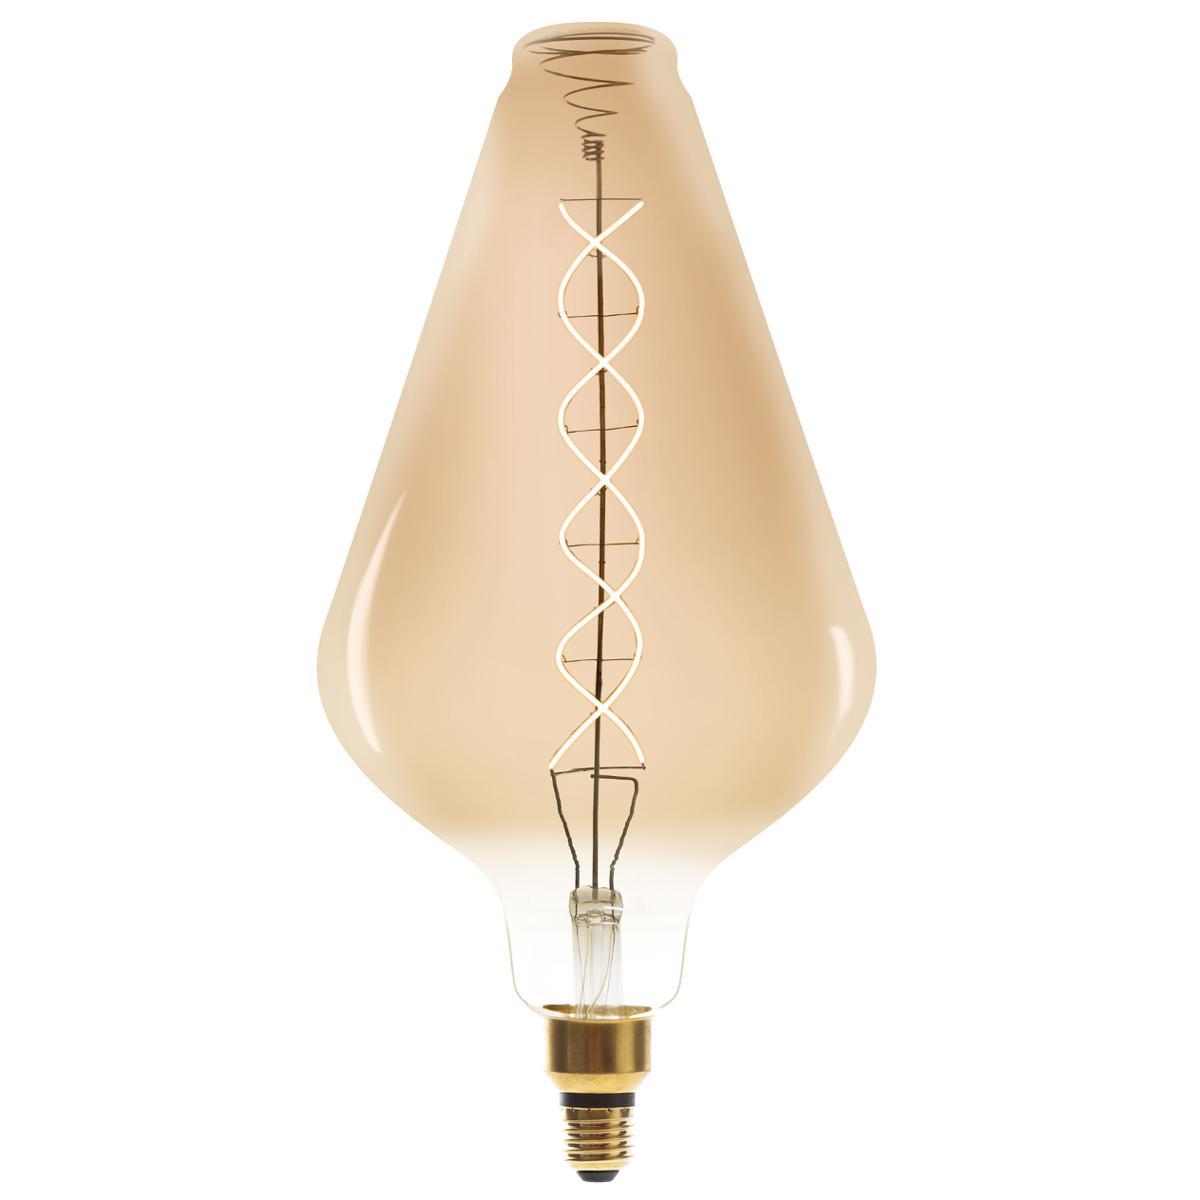 Ampoule LED Torsad Ambrée VA188 6W